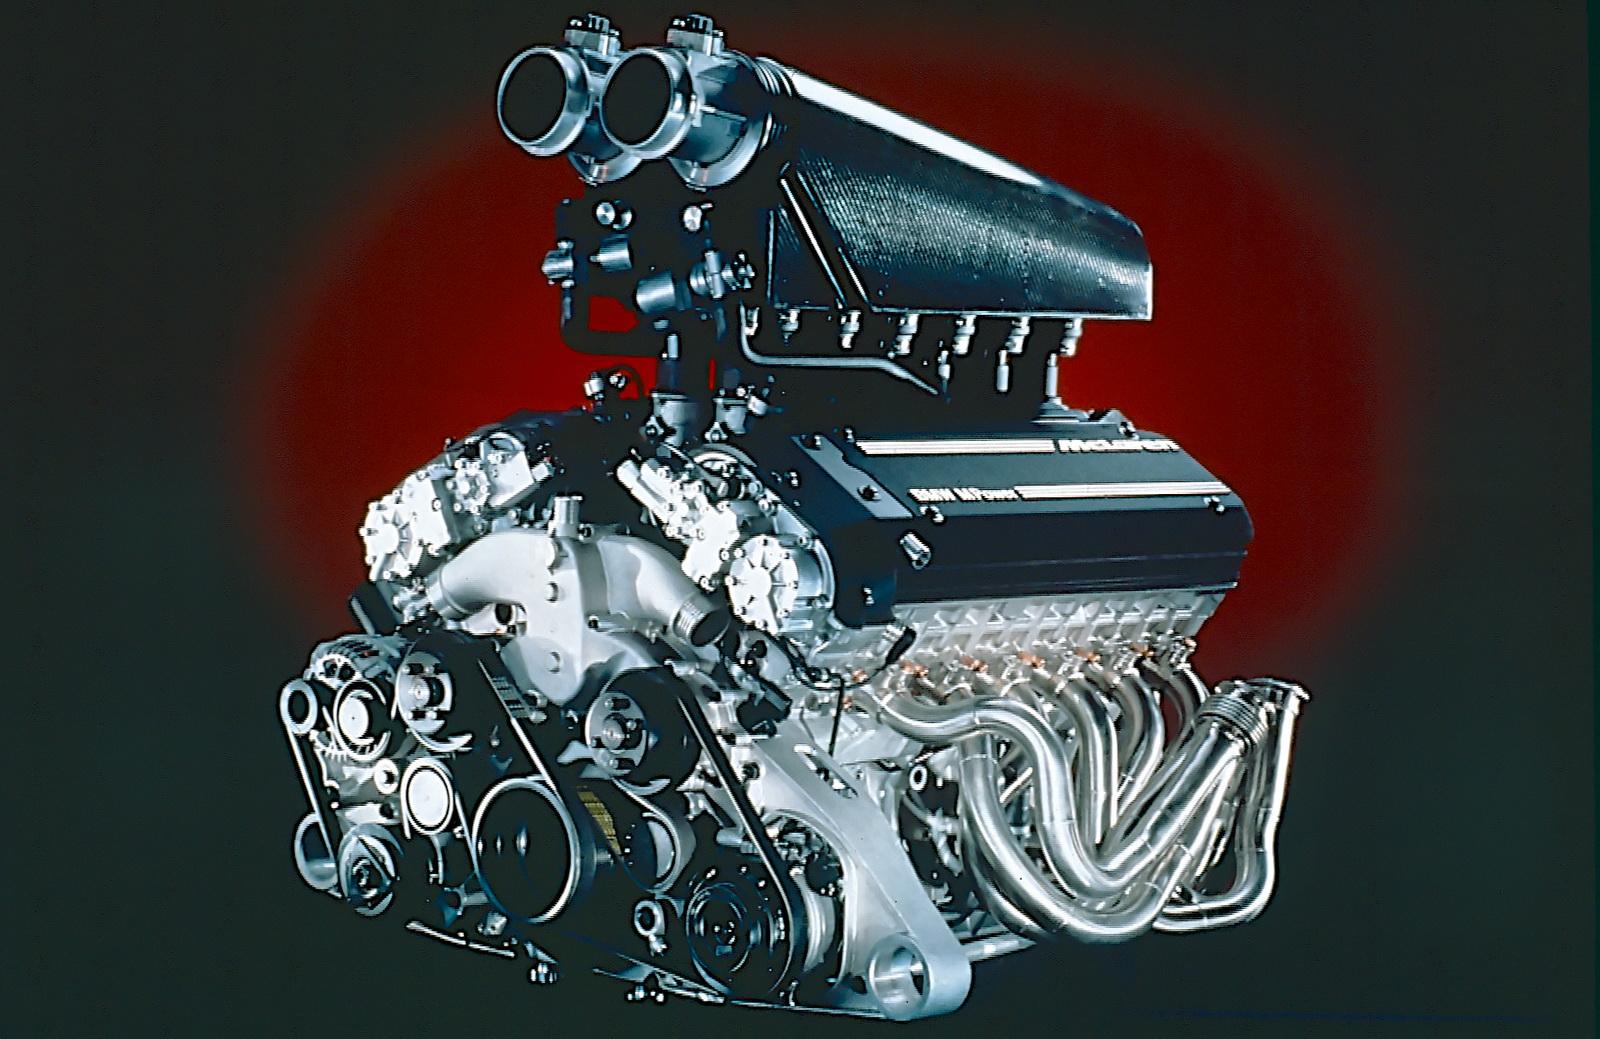 S70/2 ขุมพลังที่ผลักดัน McLaren F1 ไปสู่ 391 กม./ชม.